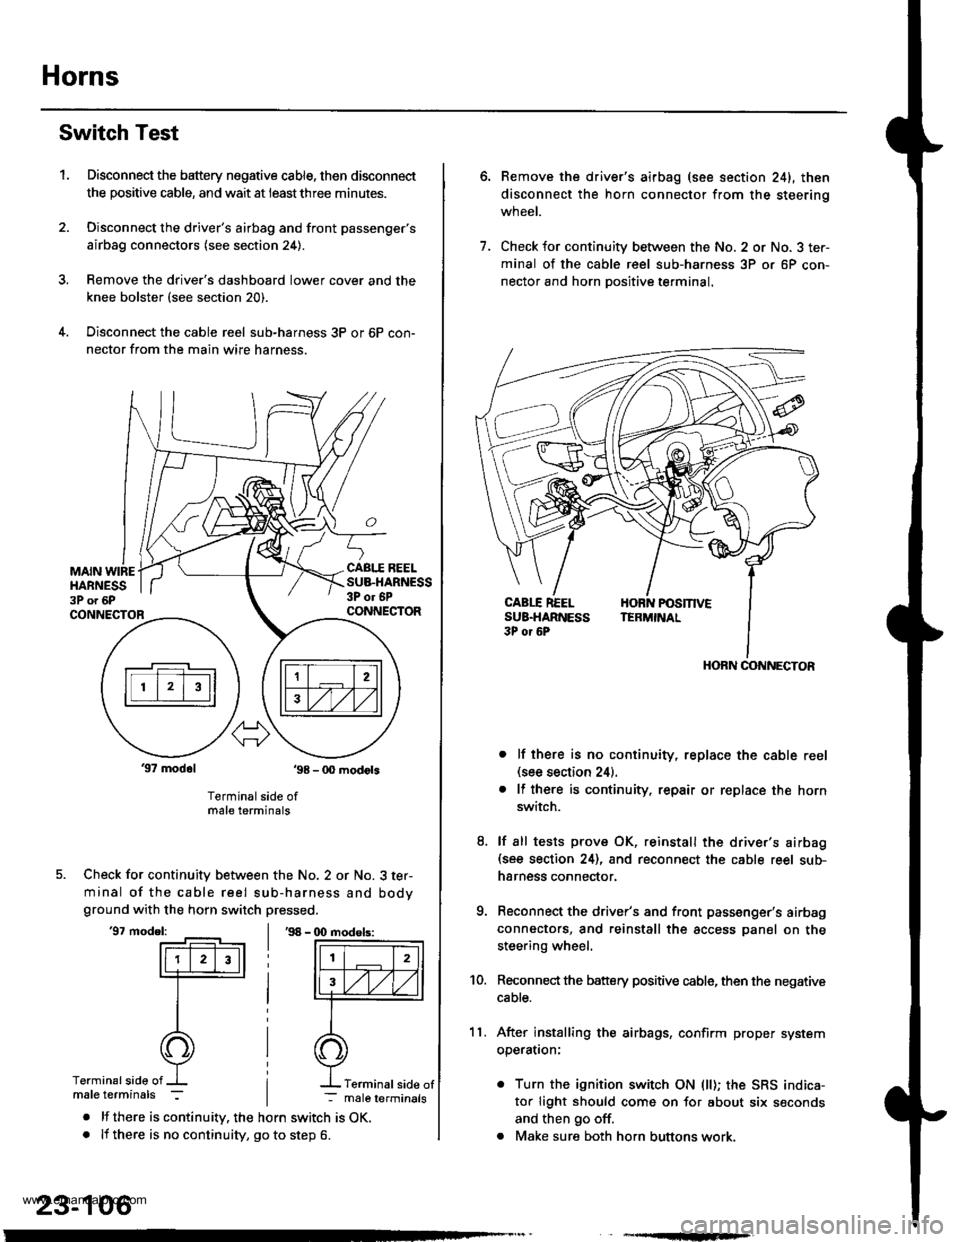 medium resolution of honda cr v 2000 rd1 rd3 1 g workshop manual page horns